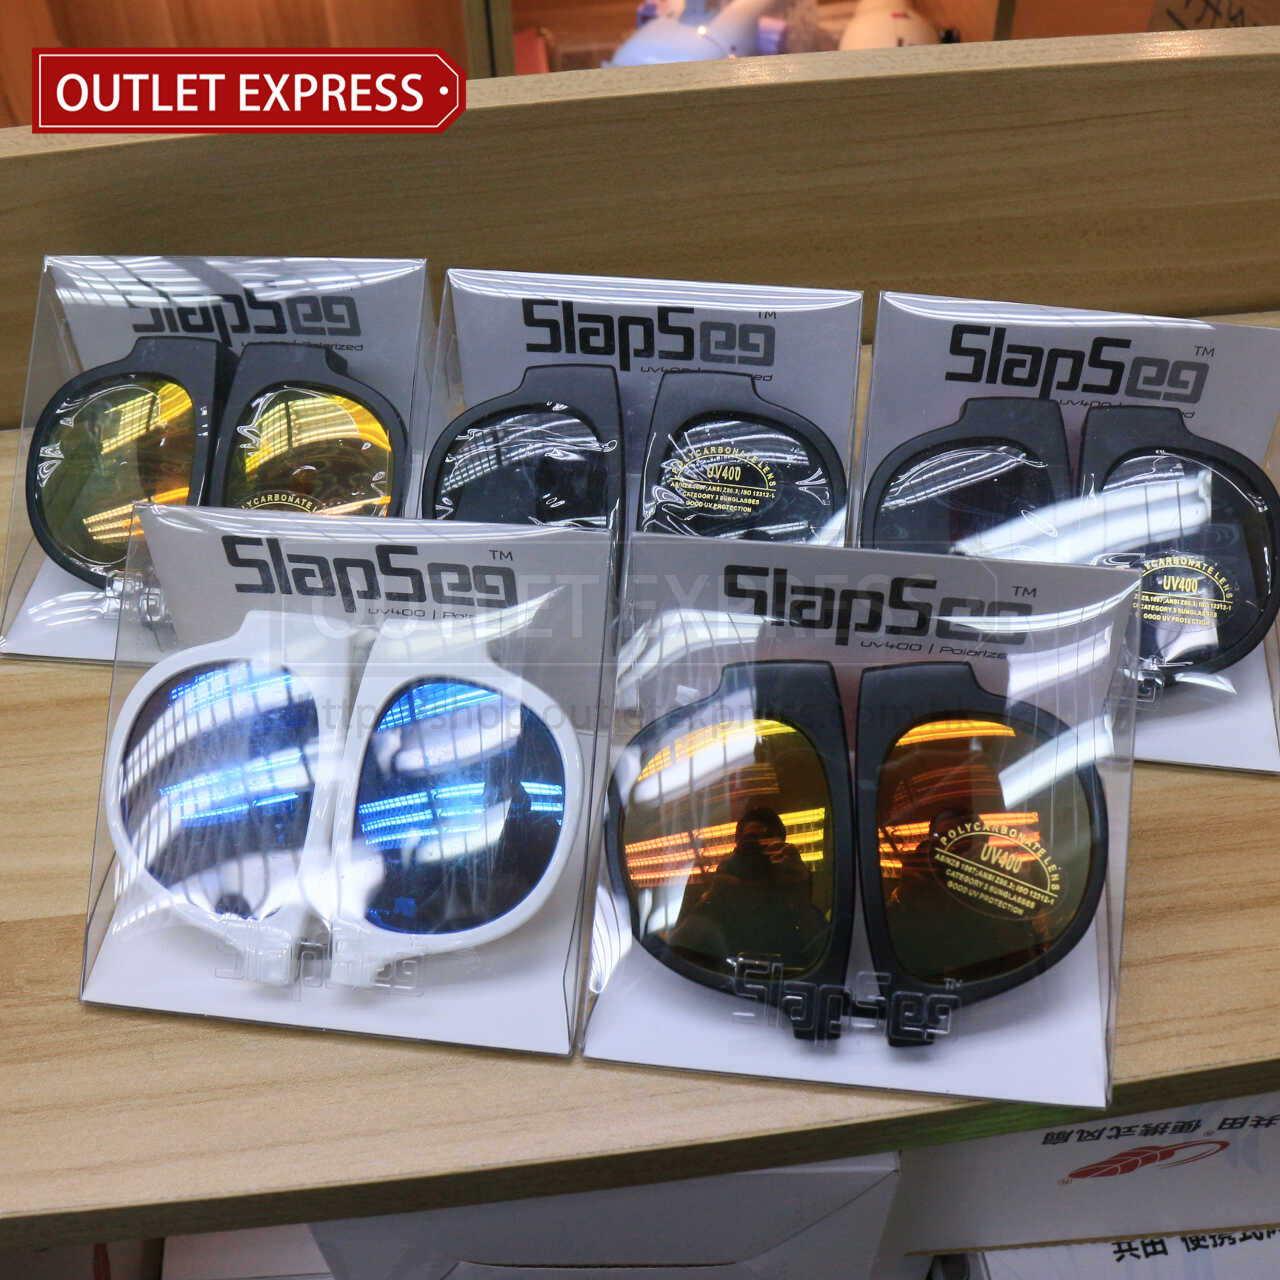 紐西蘭 SlapSee 變形偏光太陽眼鏡 包裝 - Outlet Express HK 生活百貨城實拍圖